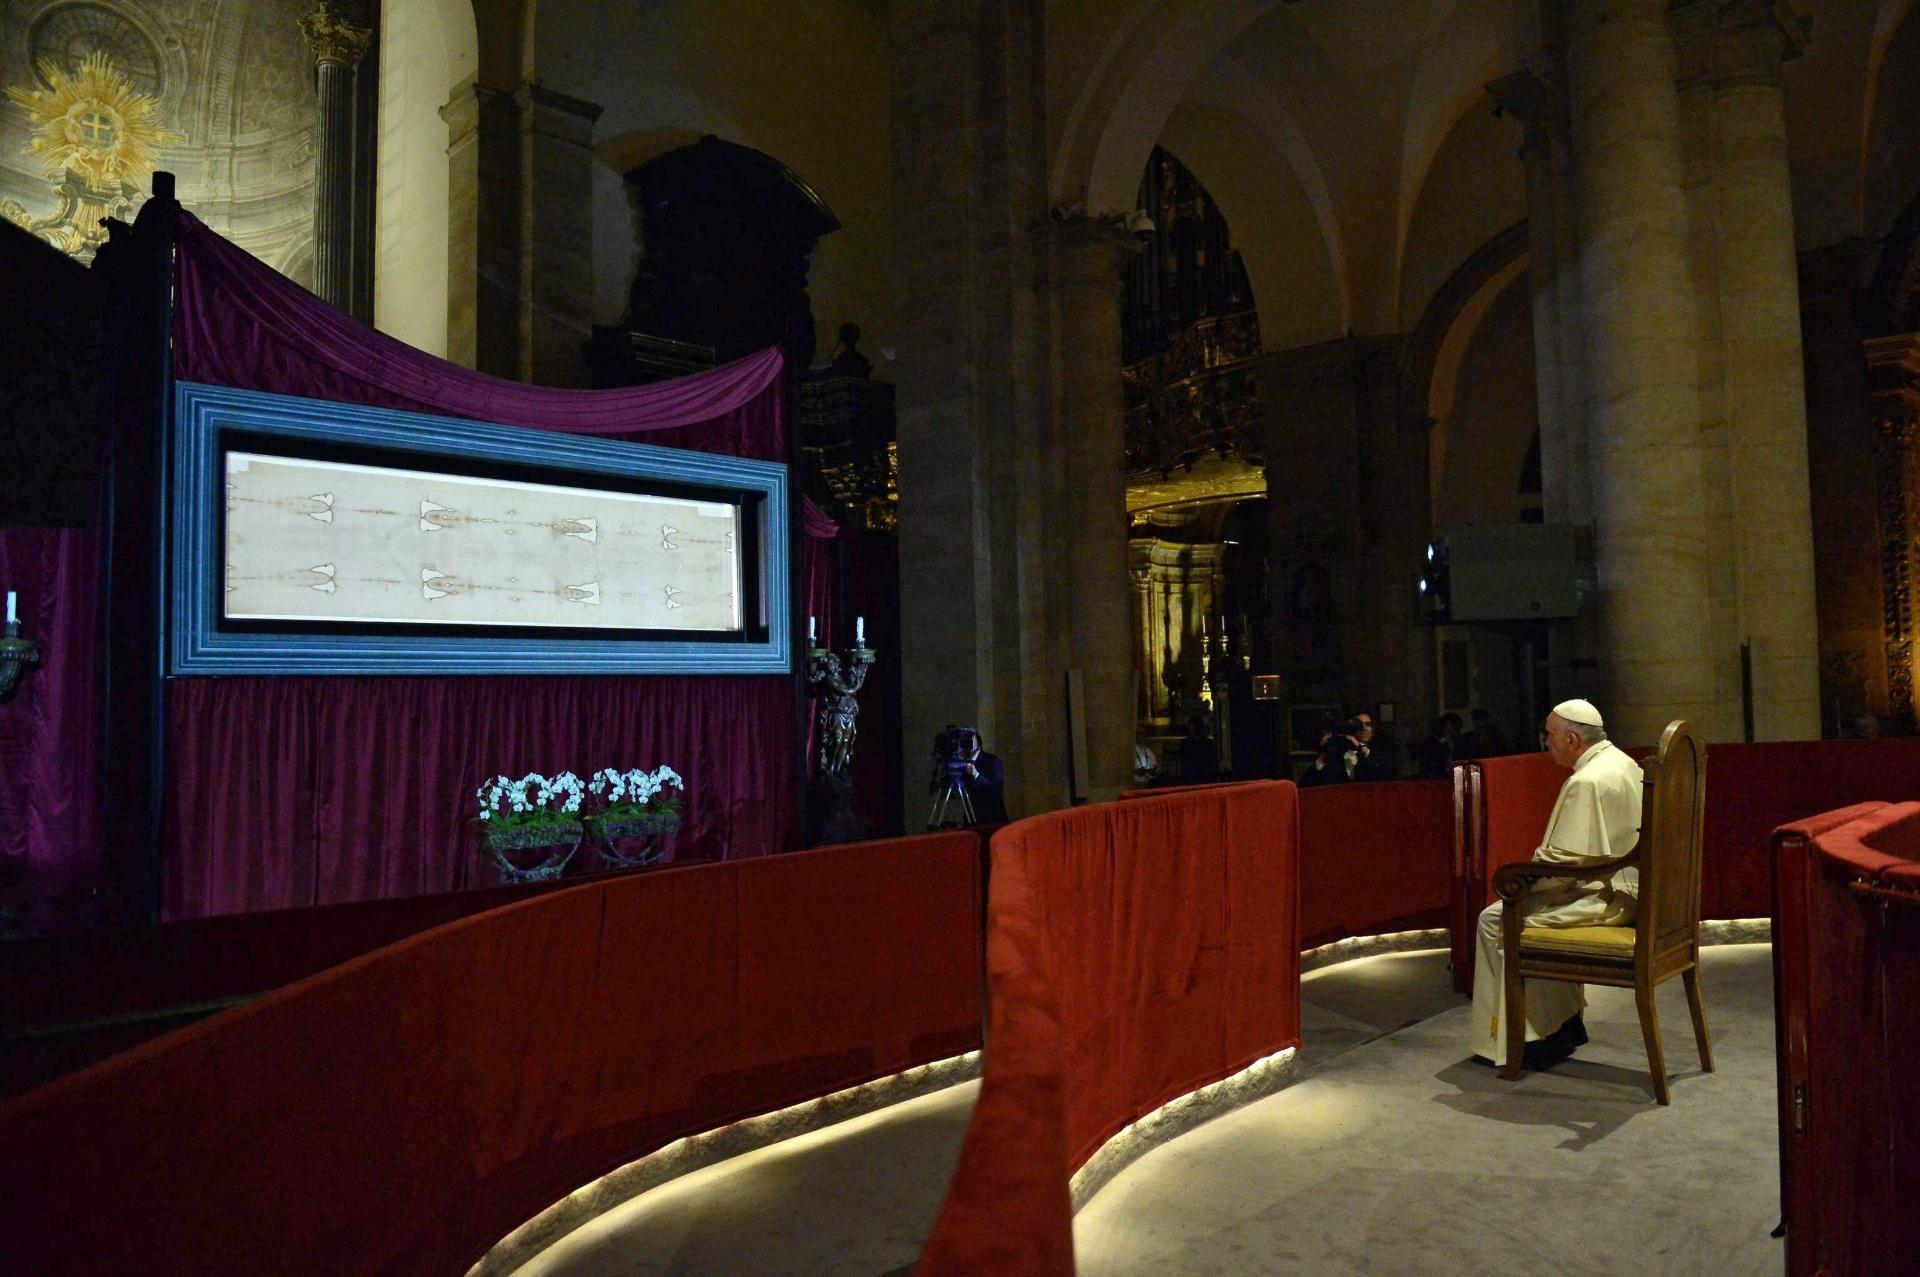 21.jun.2015 - O papa Francisco se senta e reza diante do Santo Sudário, o tecido de pouco mais de quatro metros de comprimento reverenciado por alguns como o pano no qual Jesus Cristo foi sepultado, exposto na Catedral de Turim, no norte da Itália, neste domingo (21)